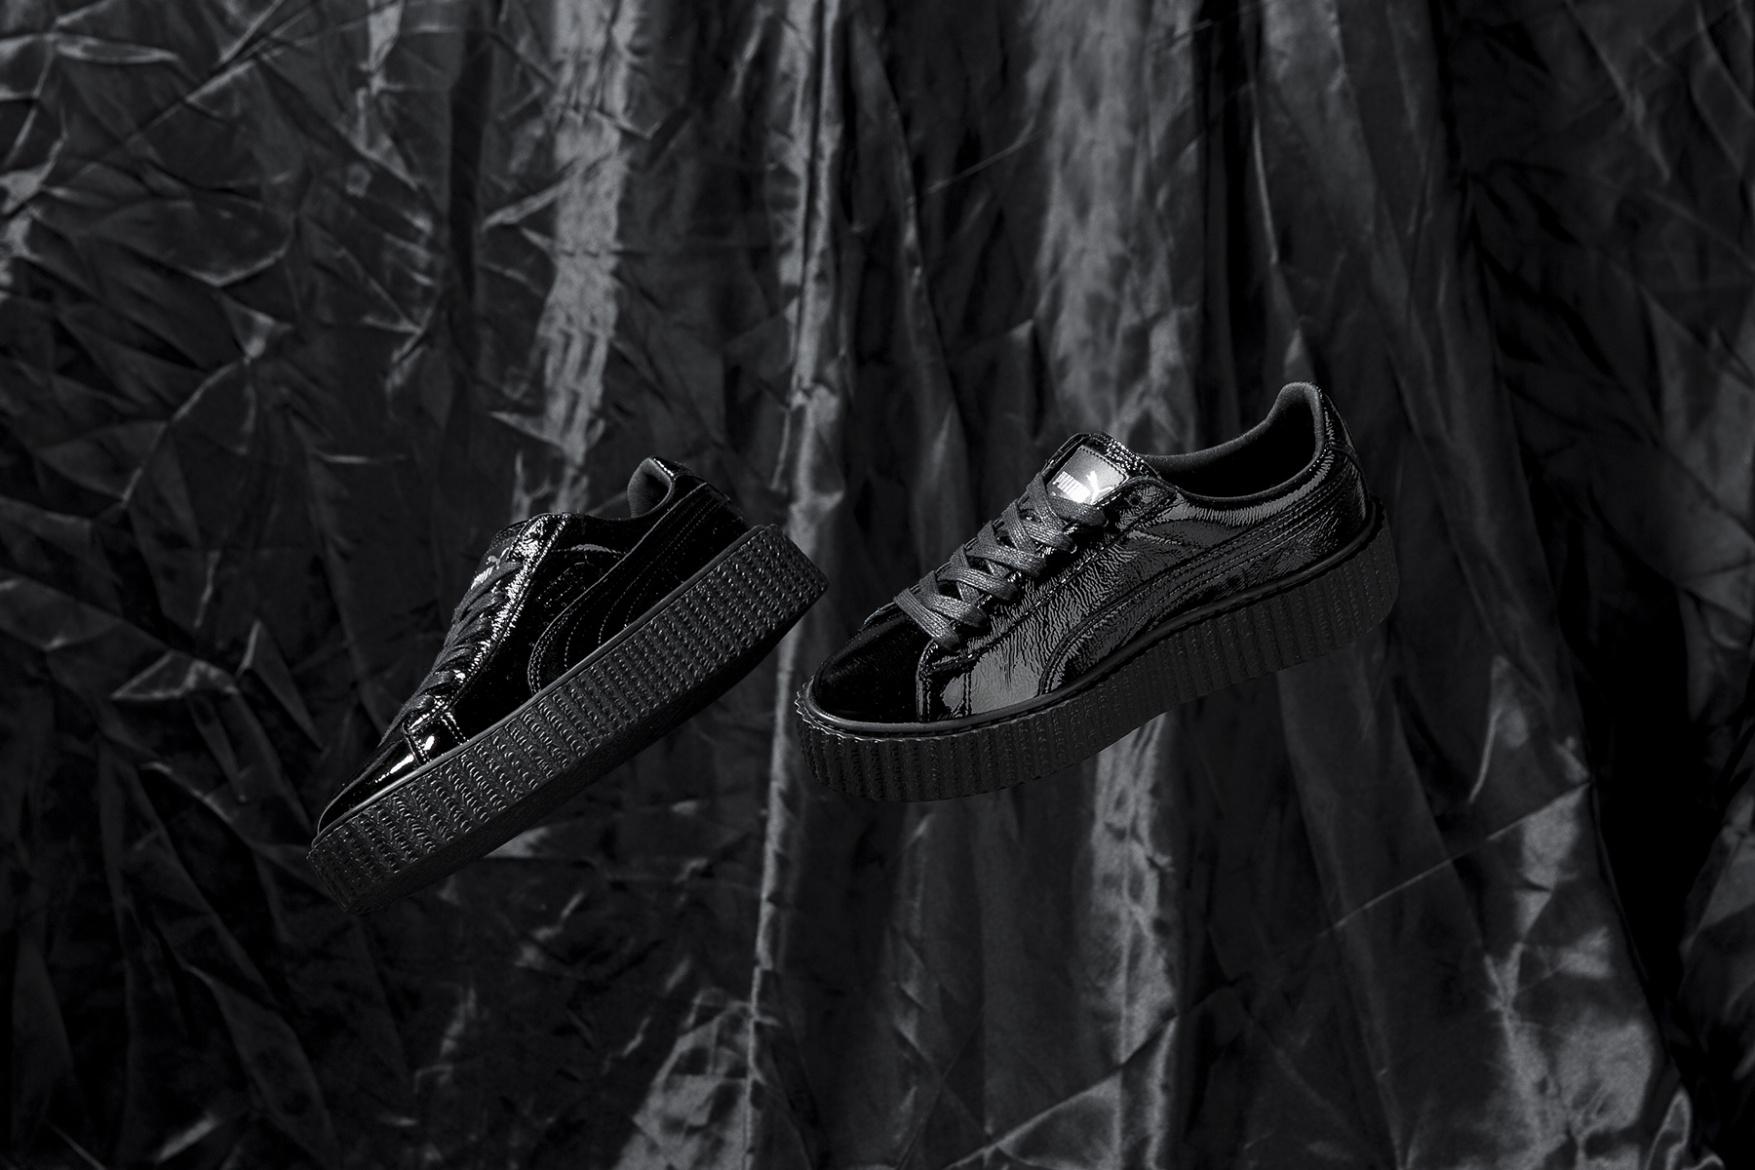 fenty-puma-cracked-leather-creeper-black-white-5